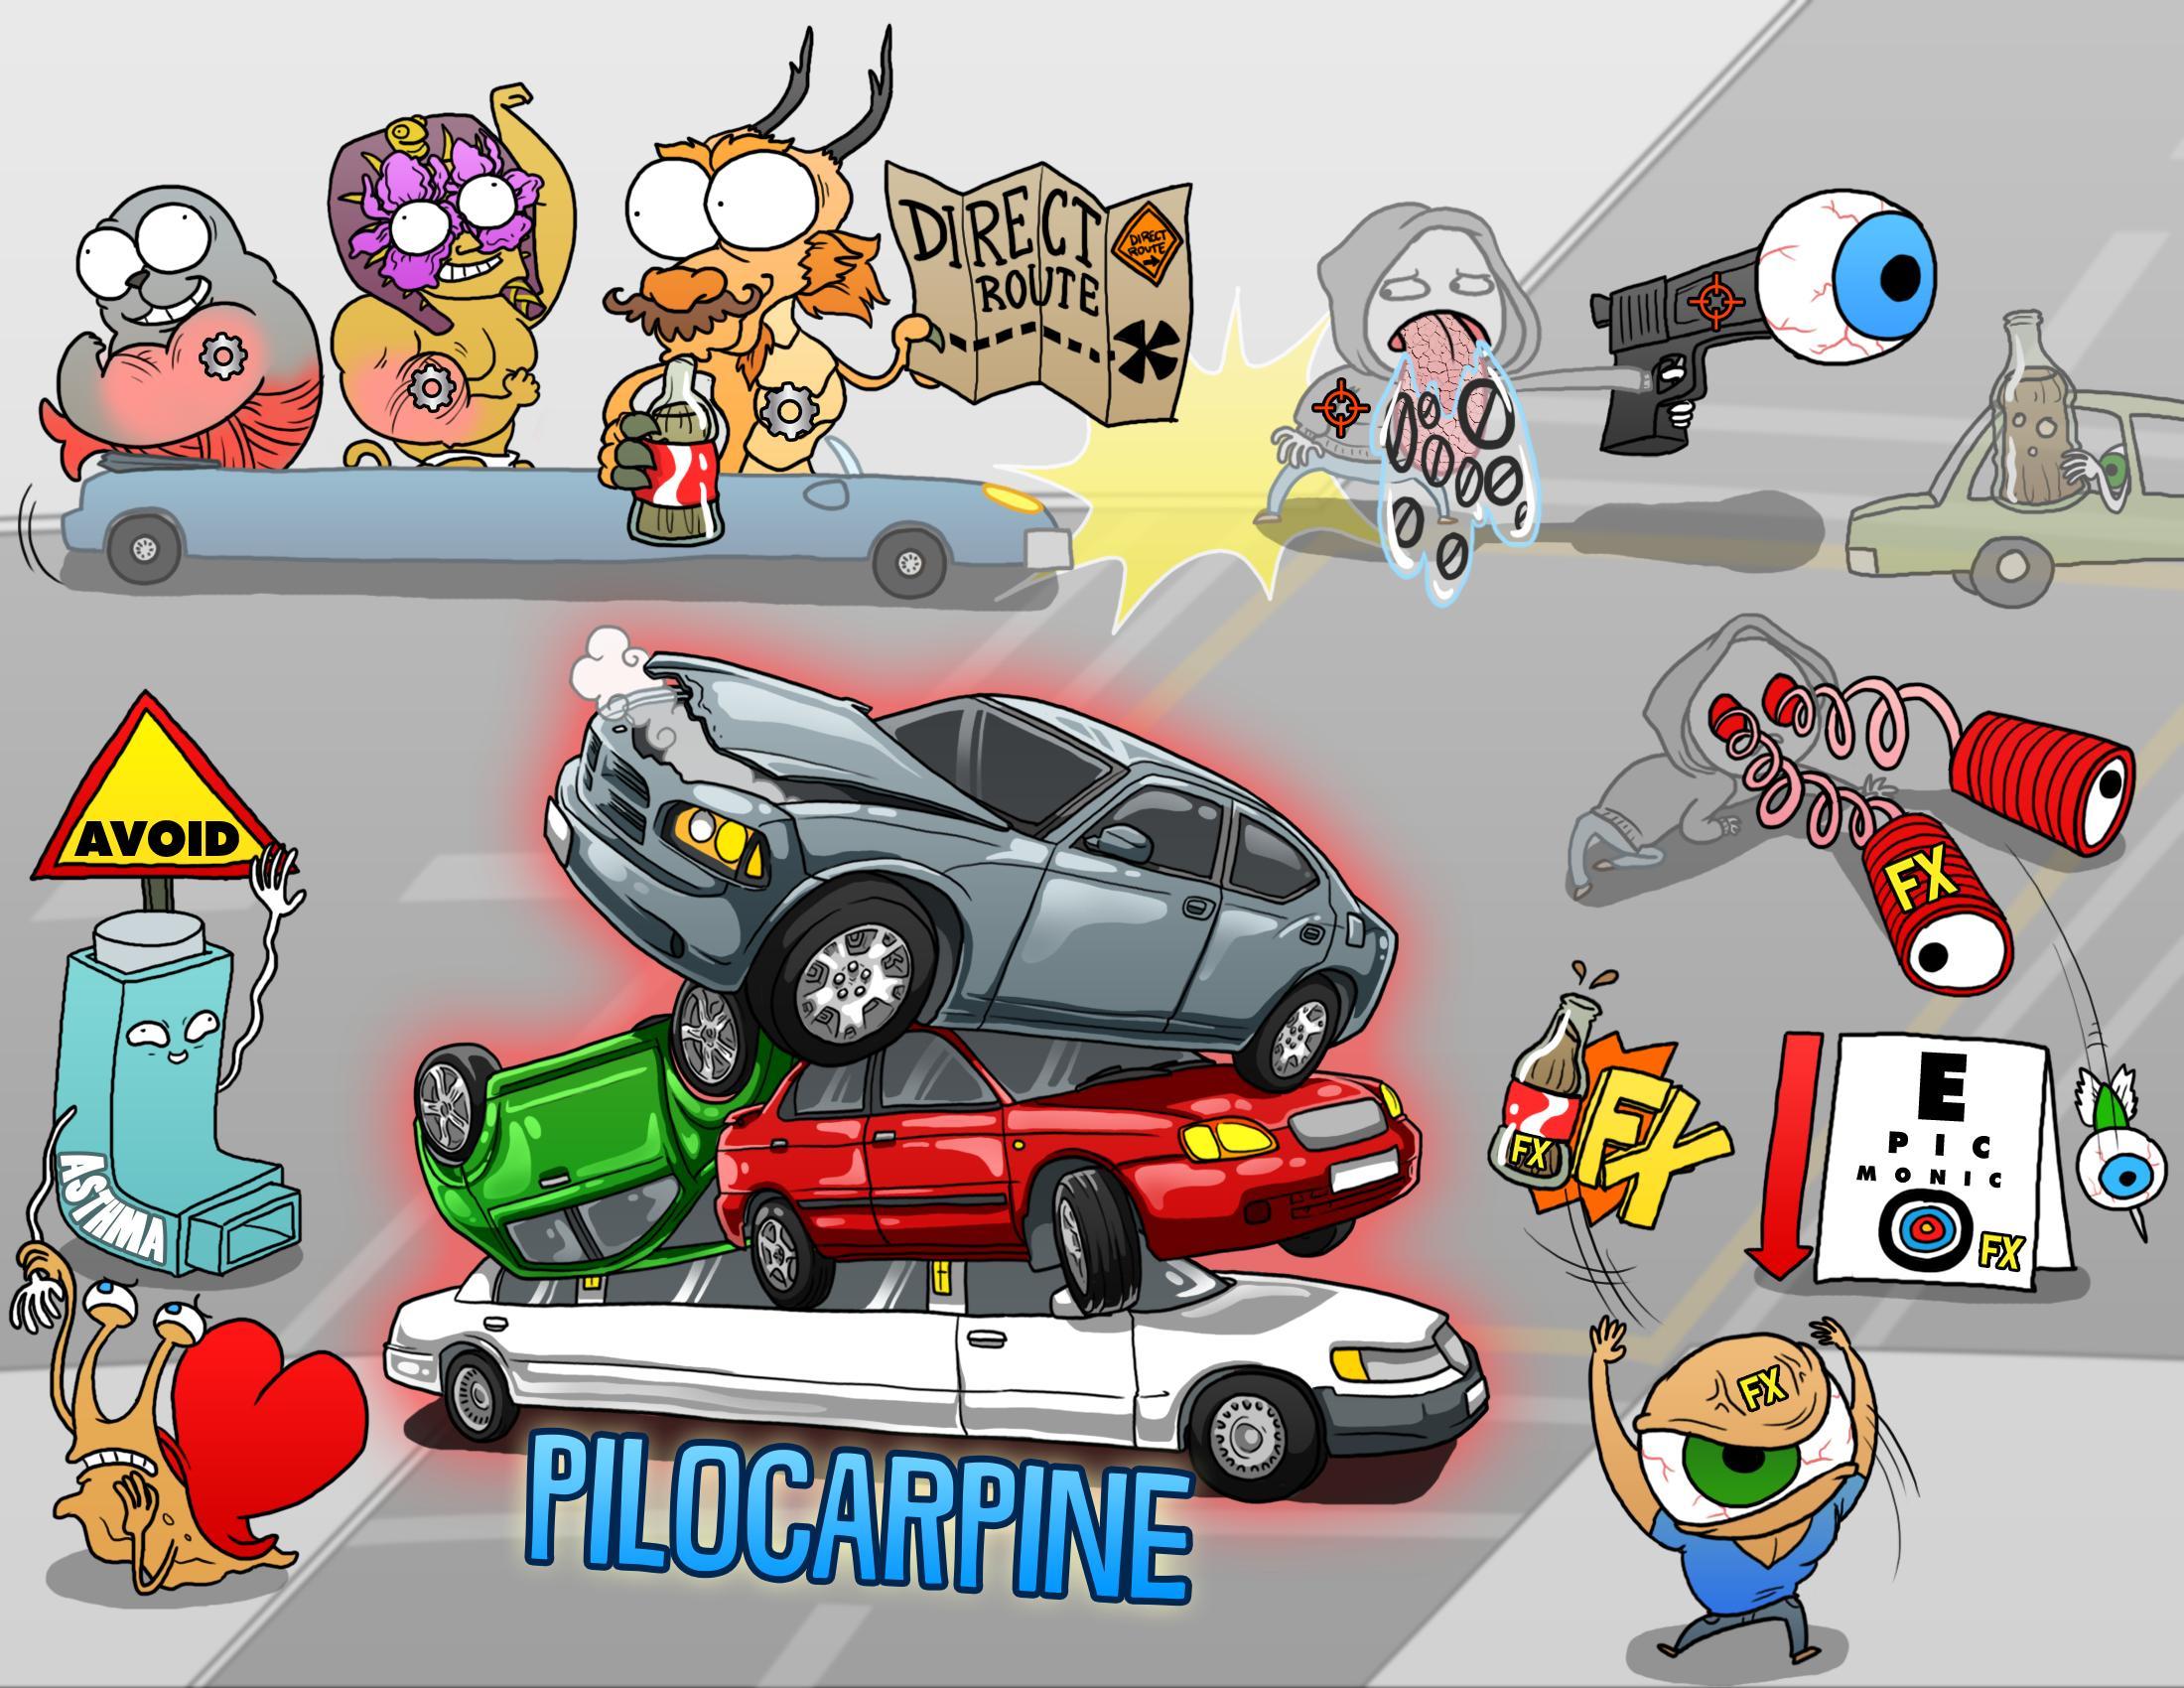 Pilocarpine (Pilocar)